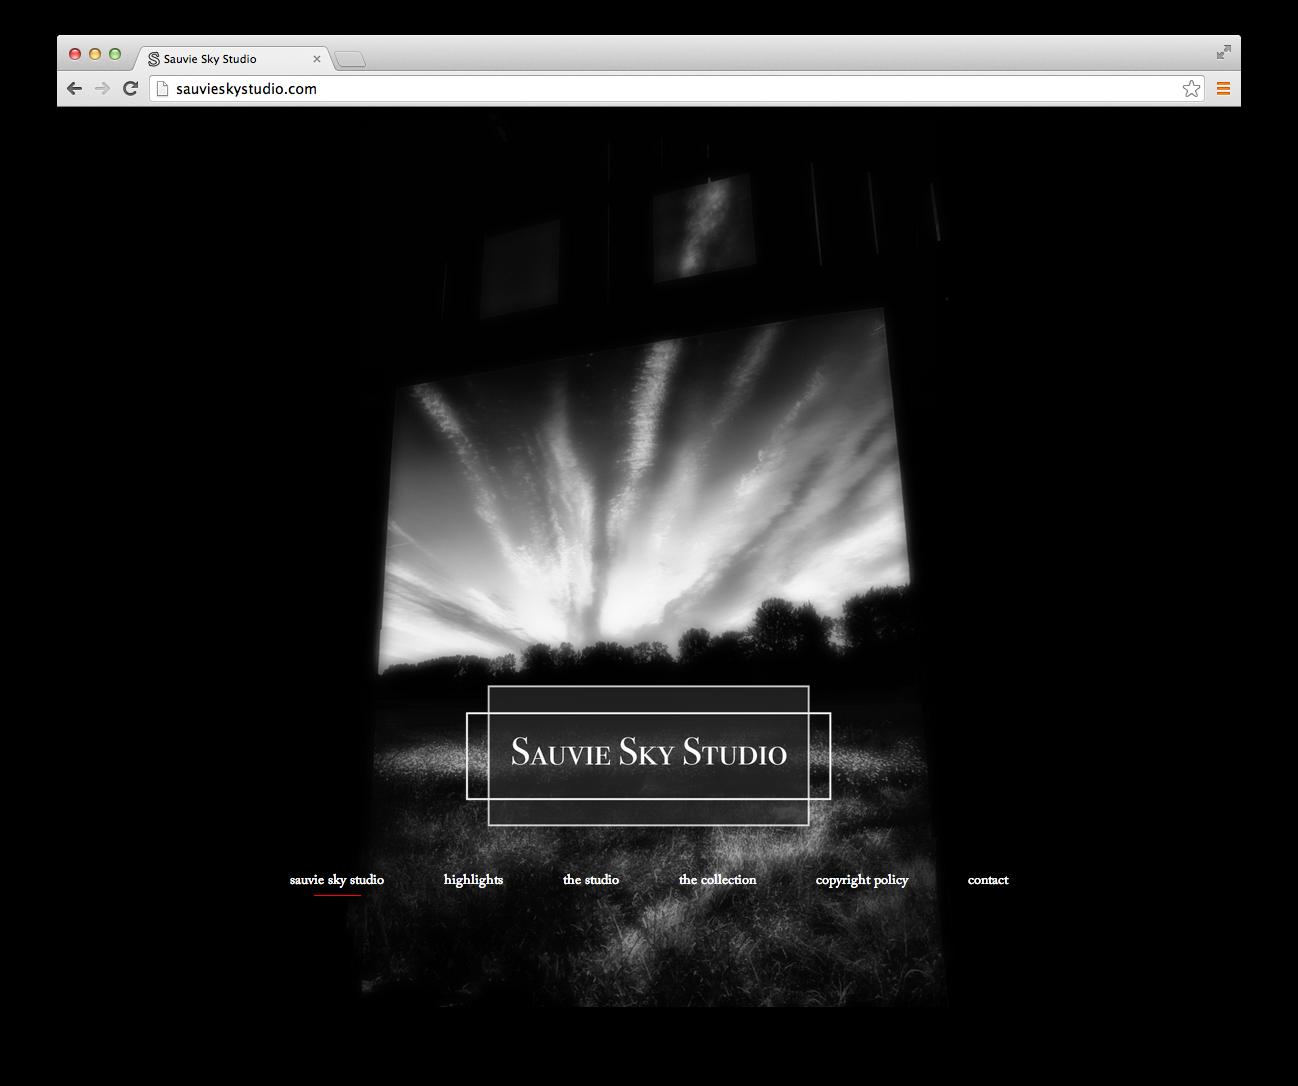 Screen Shot 2013-12-14 at 7.23.15 PM.png